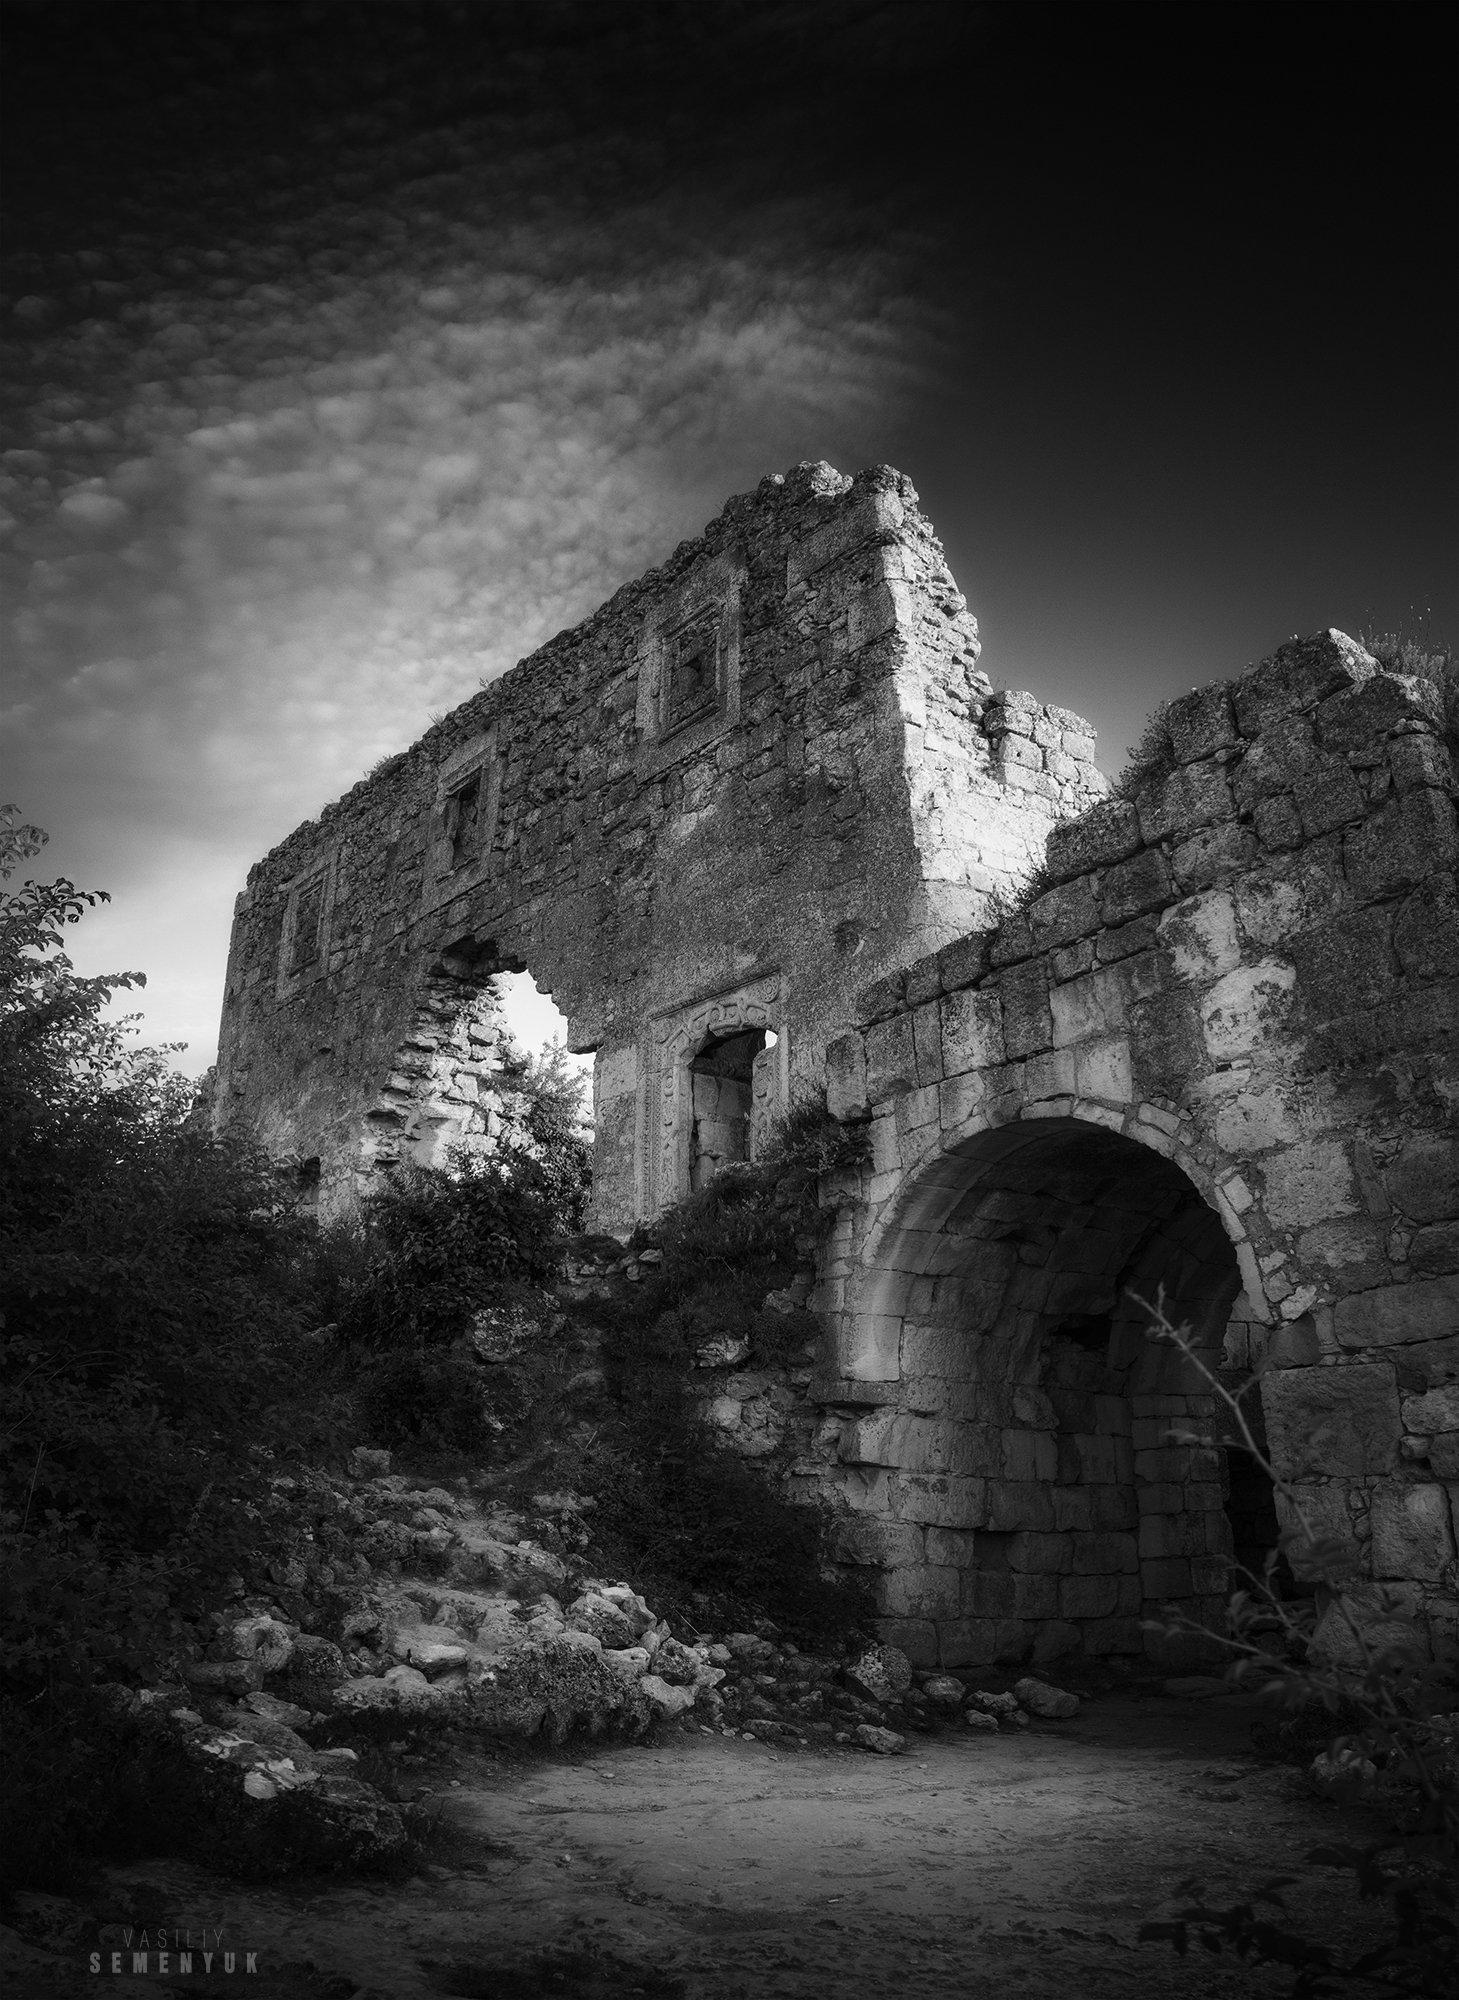 крым, мангуп, лето, закат, цитадель, крепость, средневековье, \, Семенюк Василий